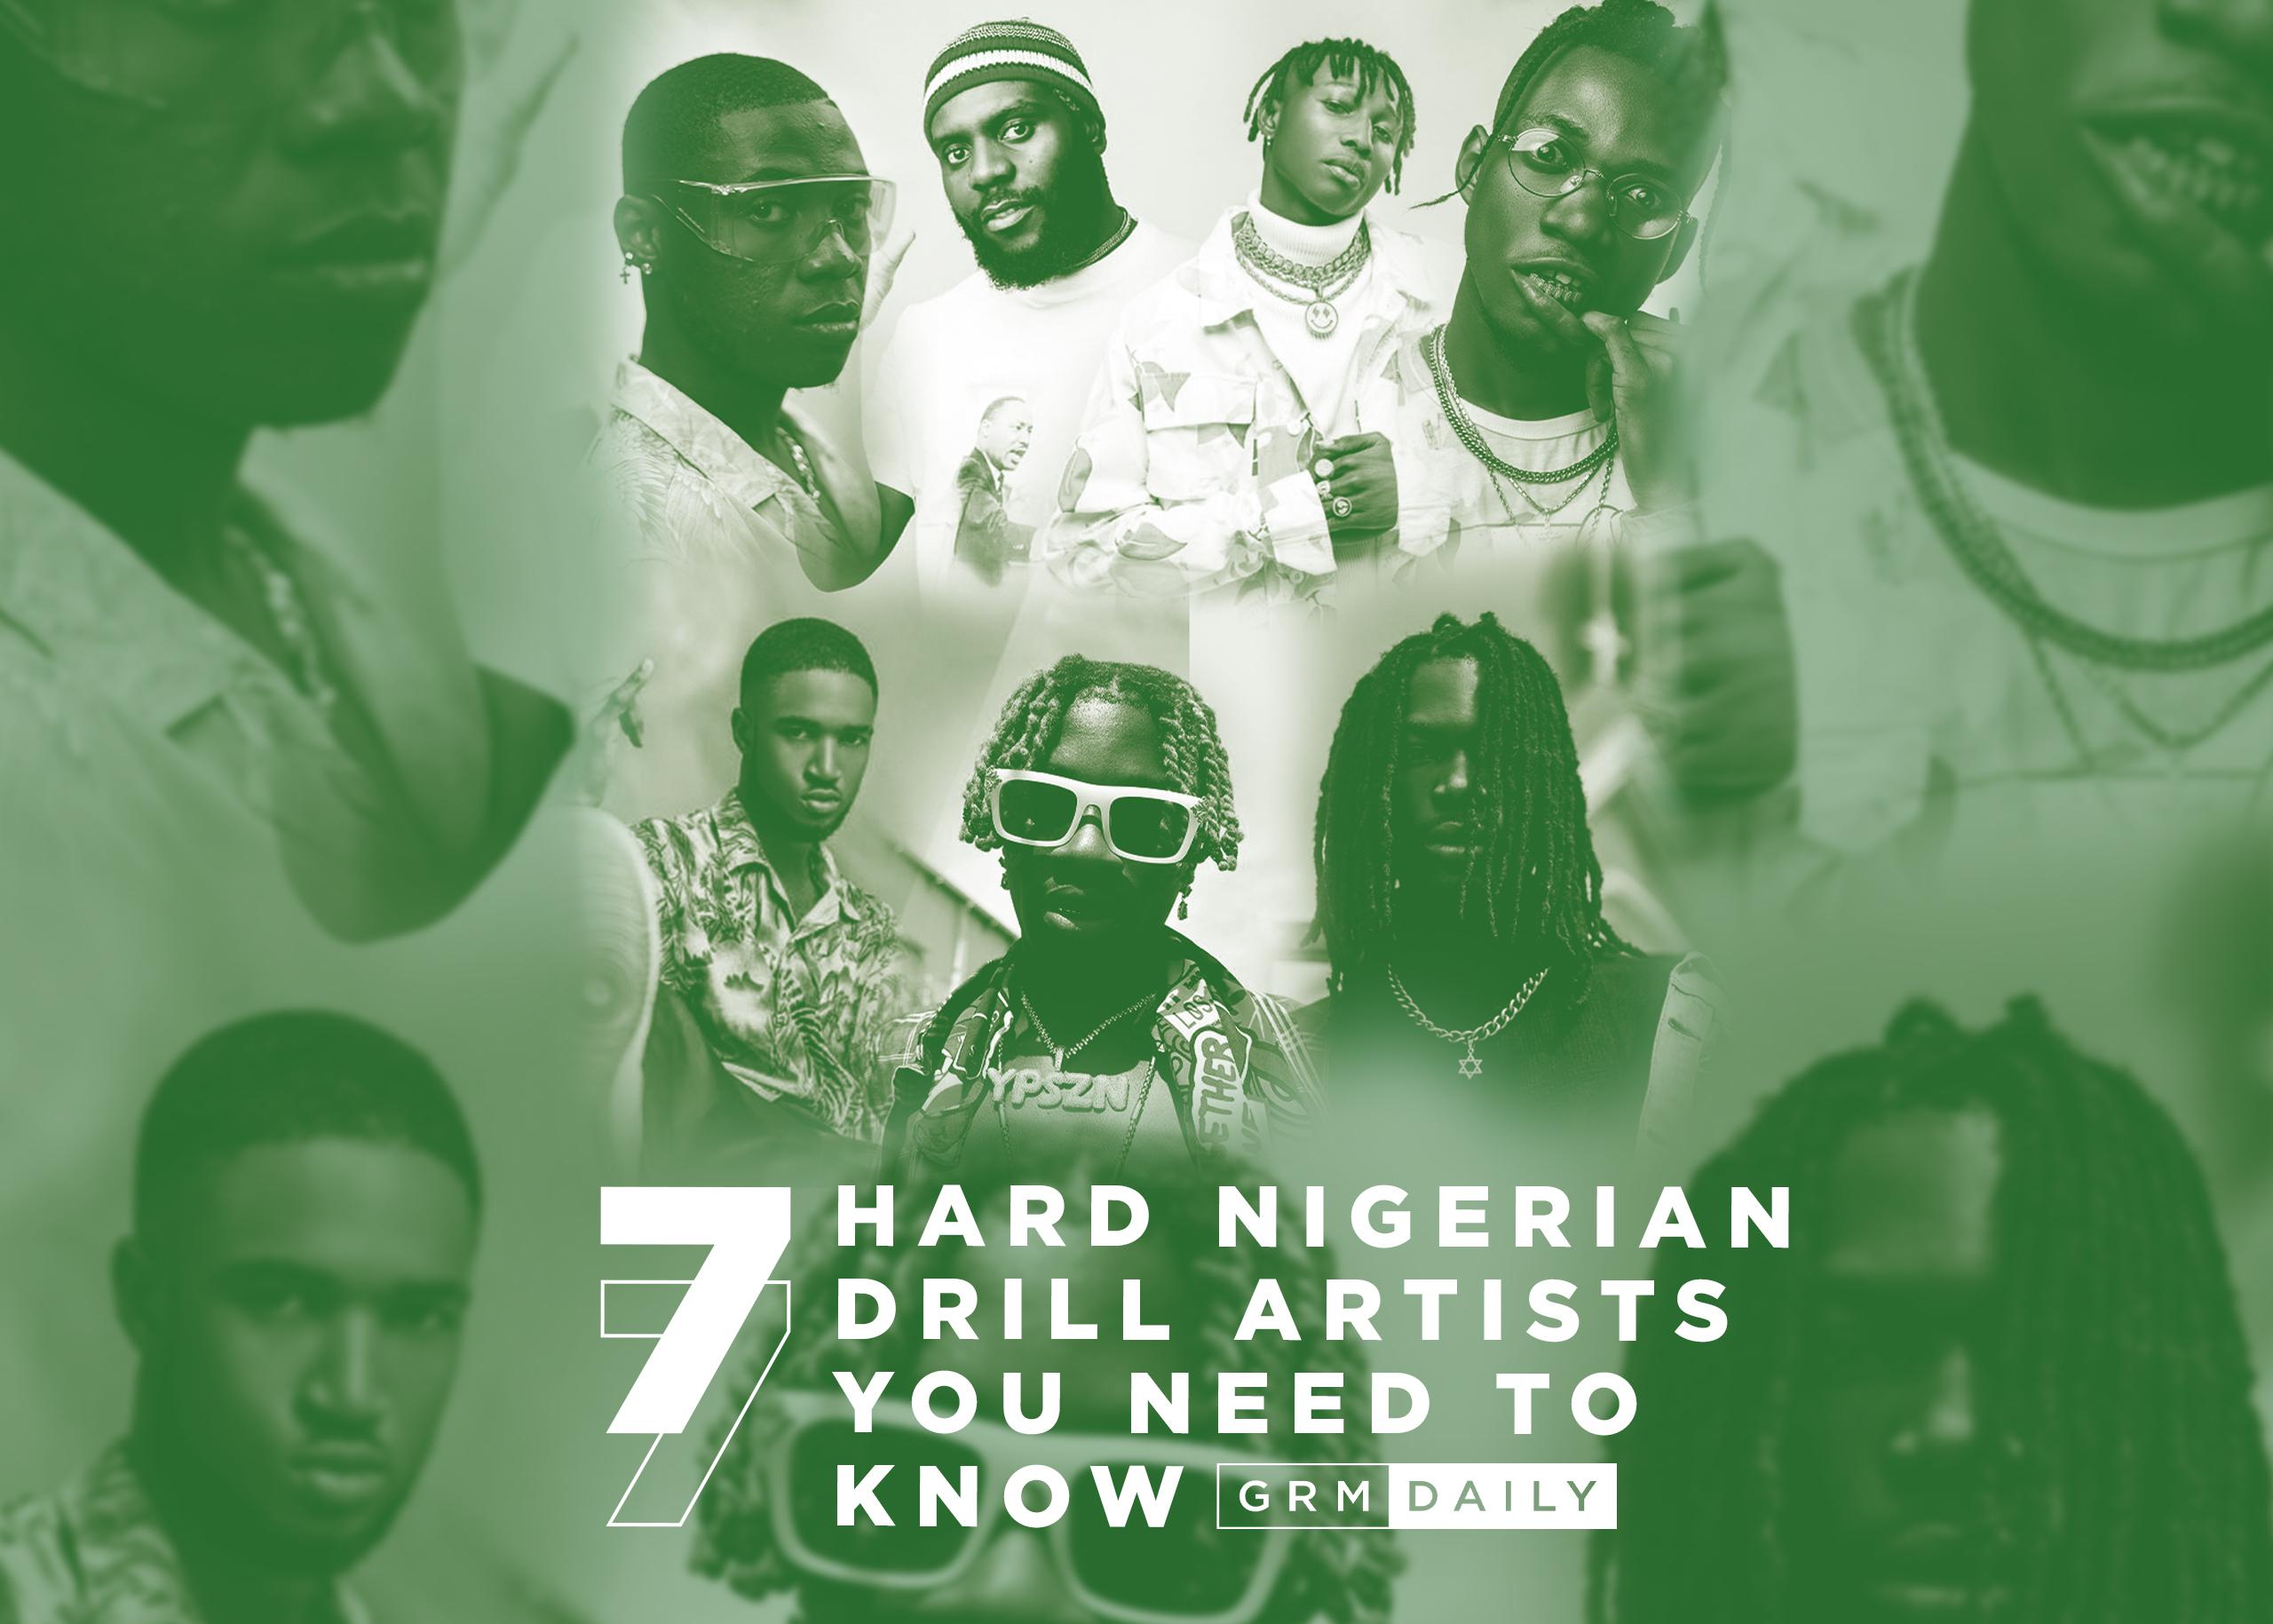 Nigerian Drill artists GRM